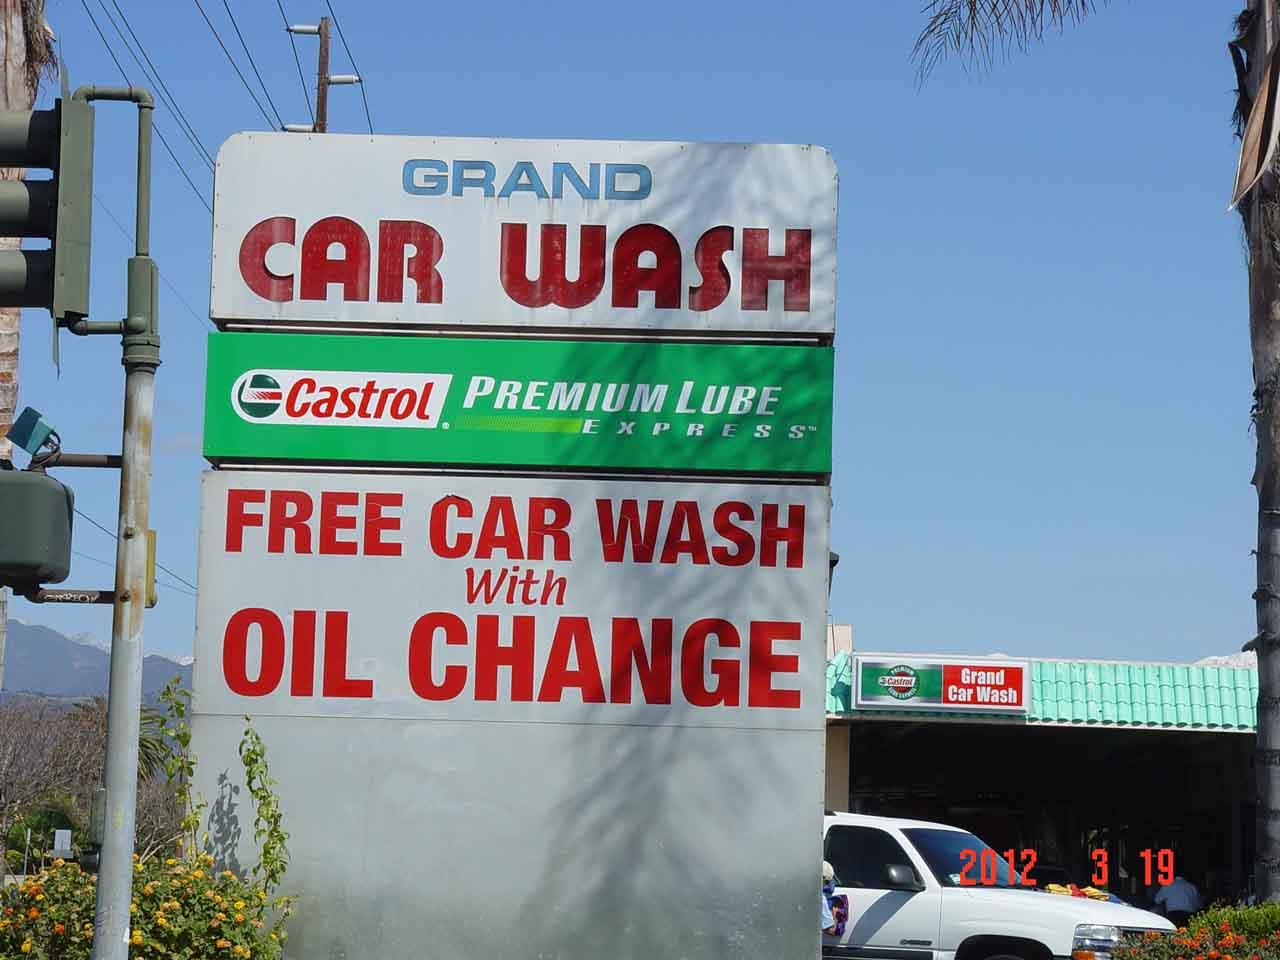 Master car wash coupons